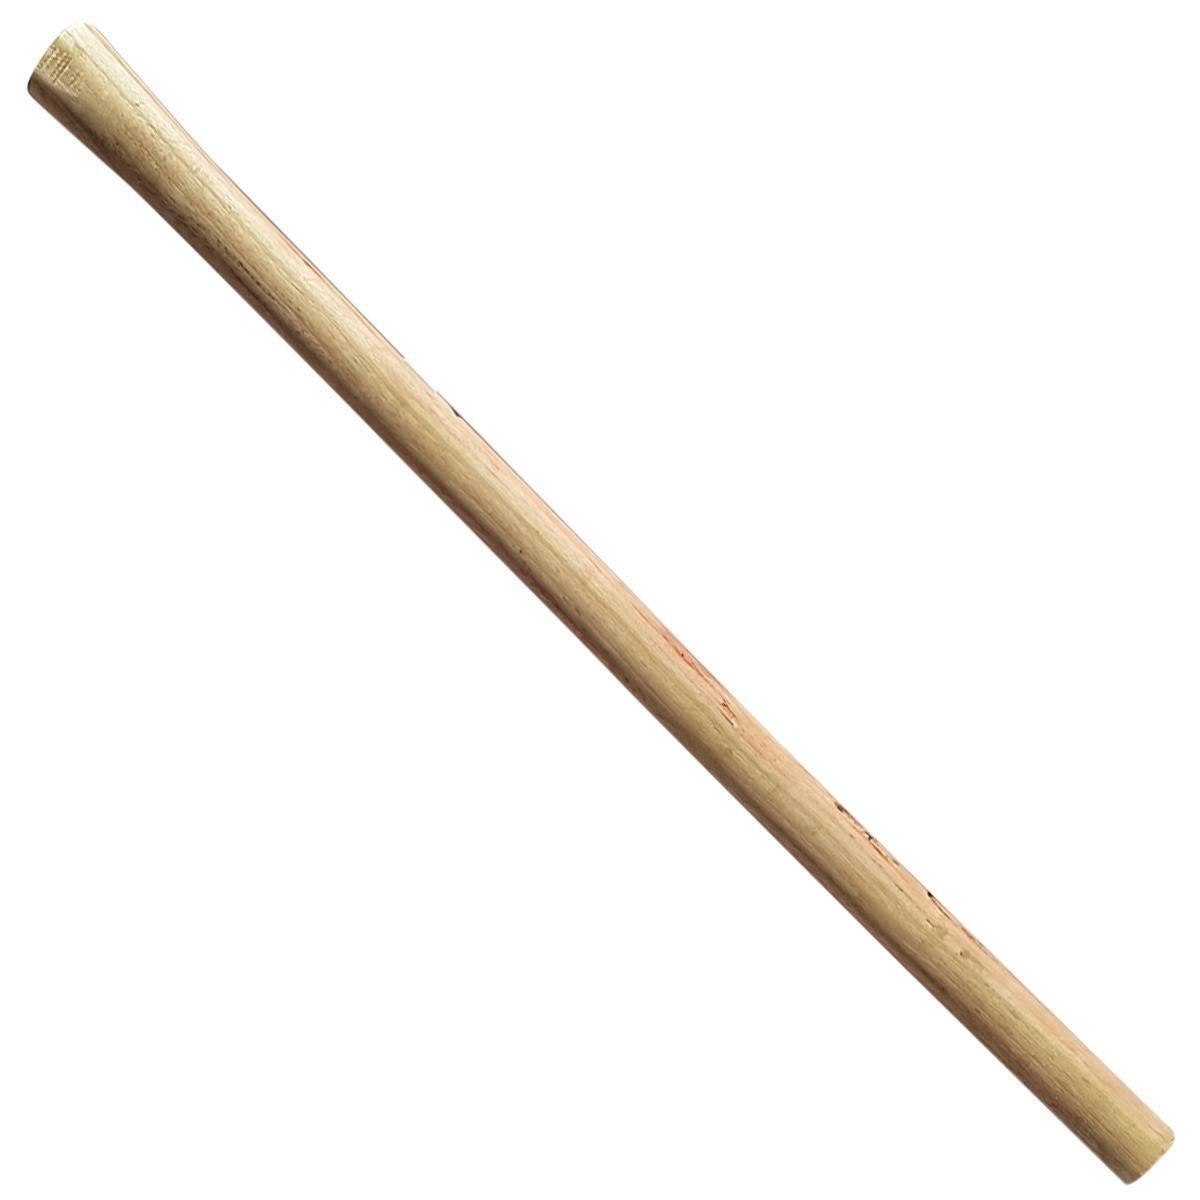 brixo brixo manico faggio per piccone altezza 90 cm